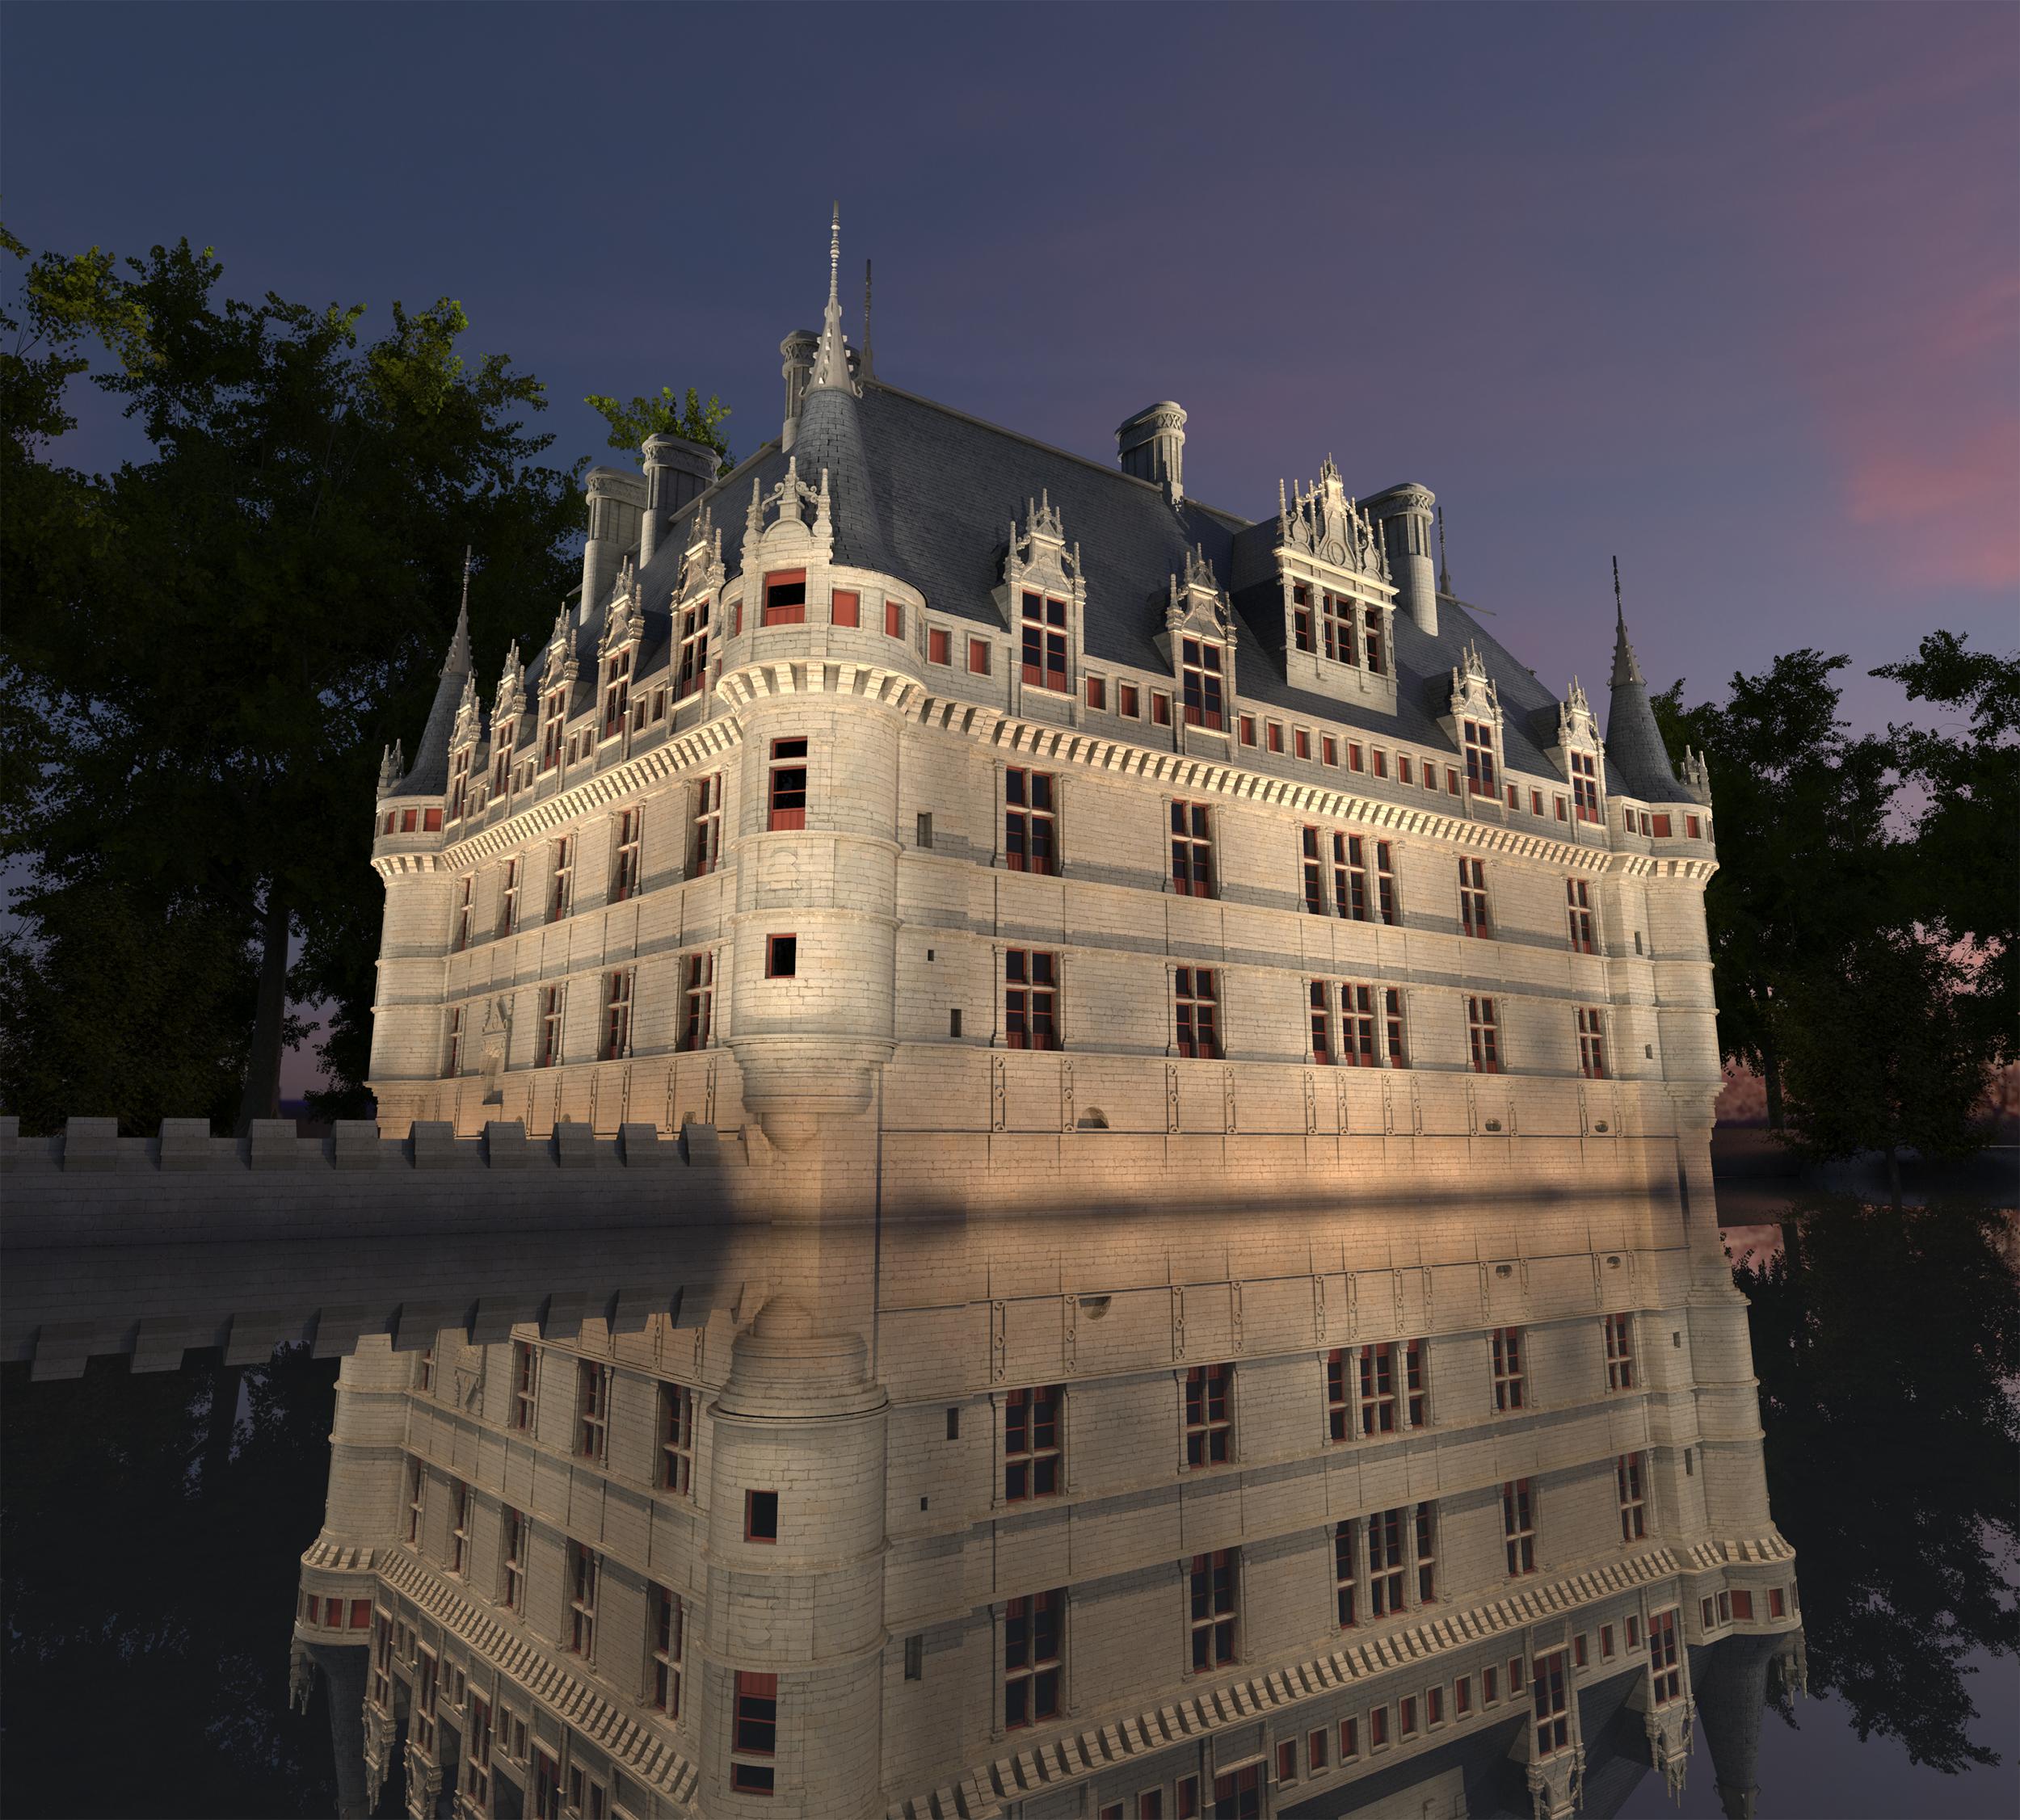 Infographie pour Projet de Mise en Lumière du Château de Azay le Rideau - Modléisation et image 3D par Dripmoon